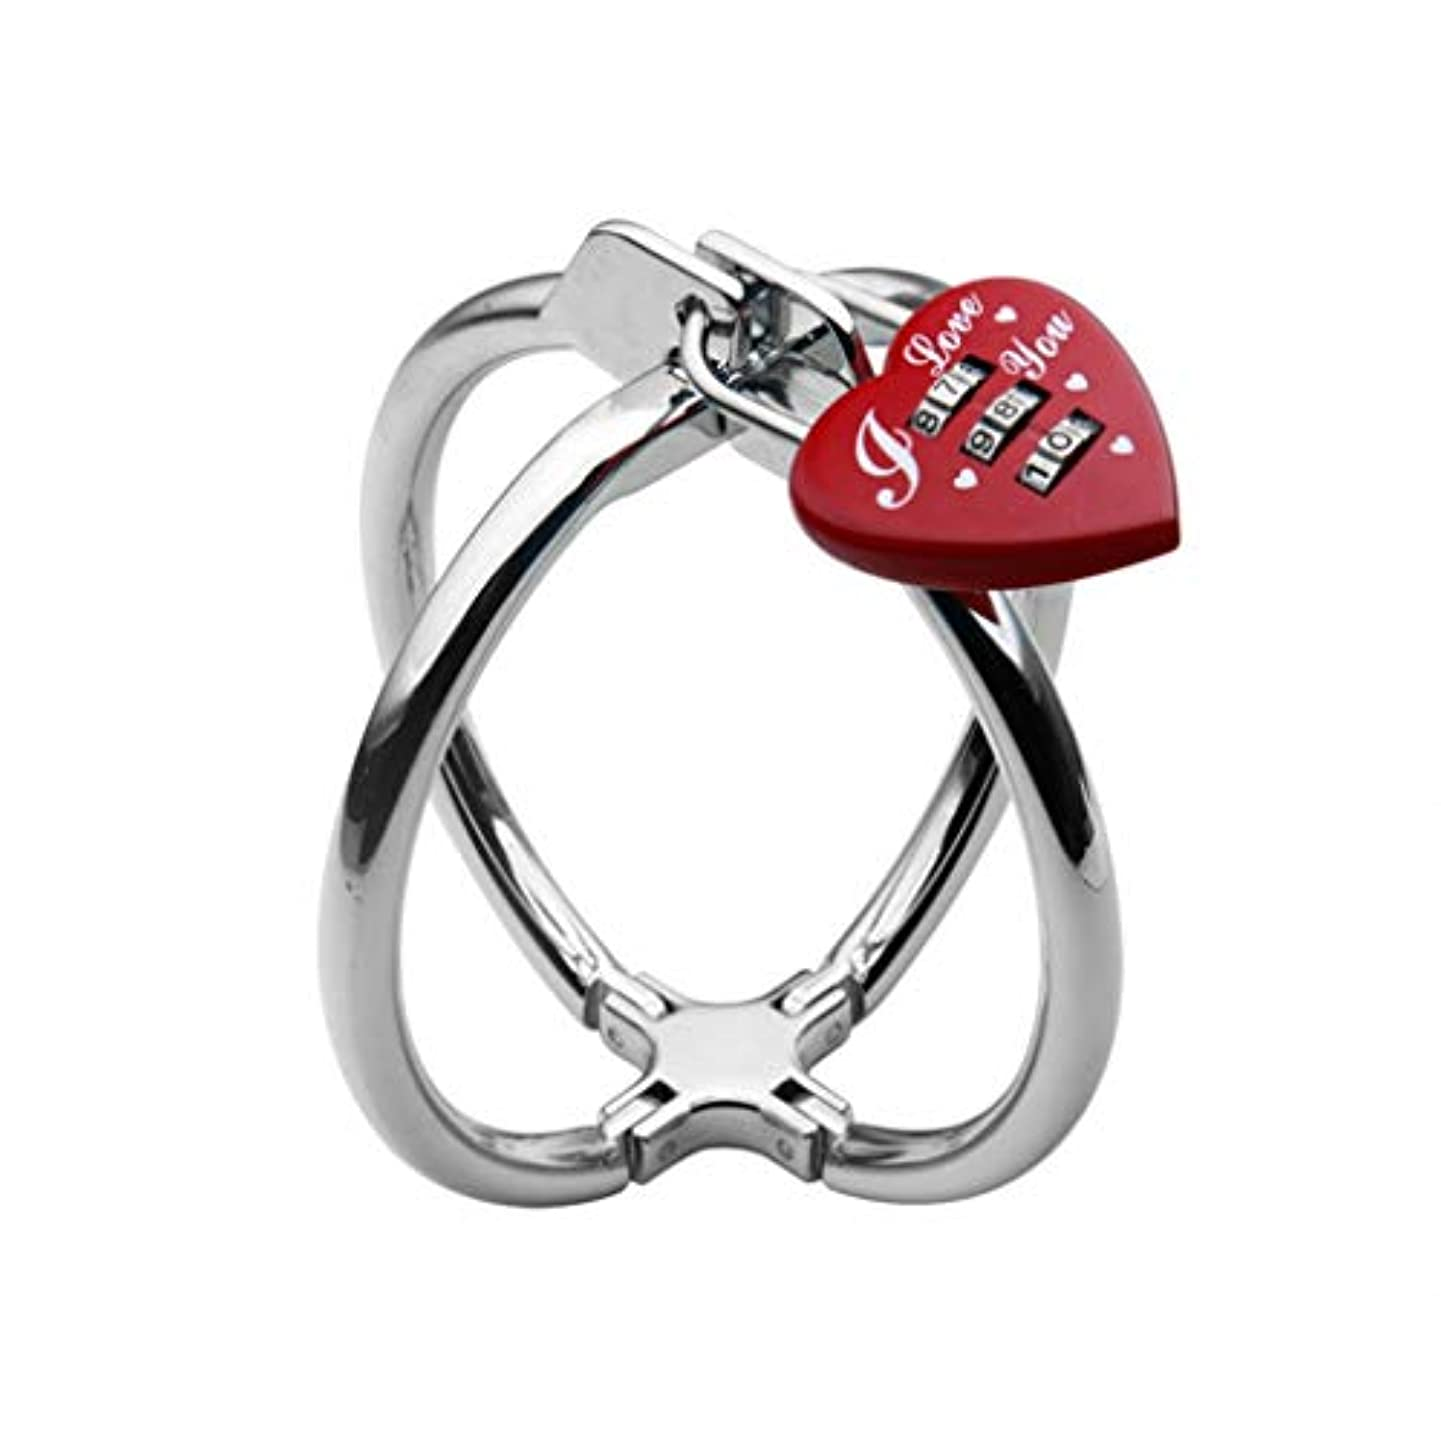 興味なに配偶者CXQ レディースウェアメタルクロス手錠、ヘルスケア製品の魅力 Yoga mat (Size : B)